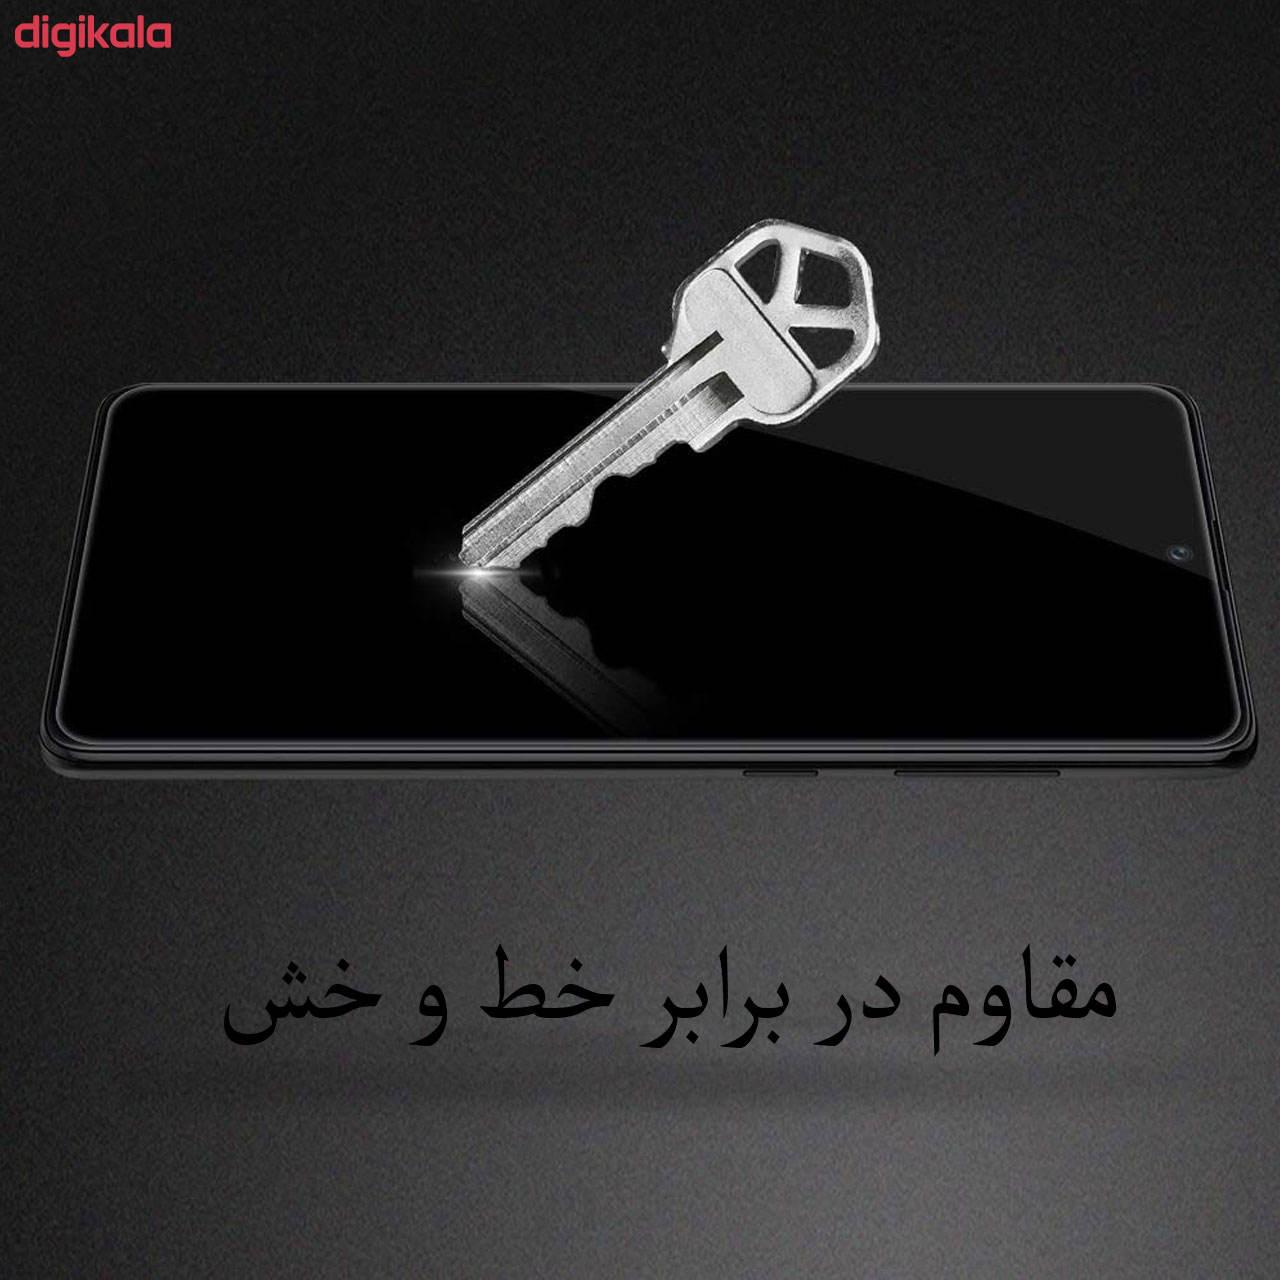 محافظ صفحه نمایش مدل FCG مناسب برای گوشی موبایل شیائومی Redmi Note 9S main 1 7